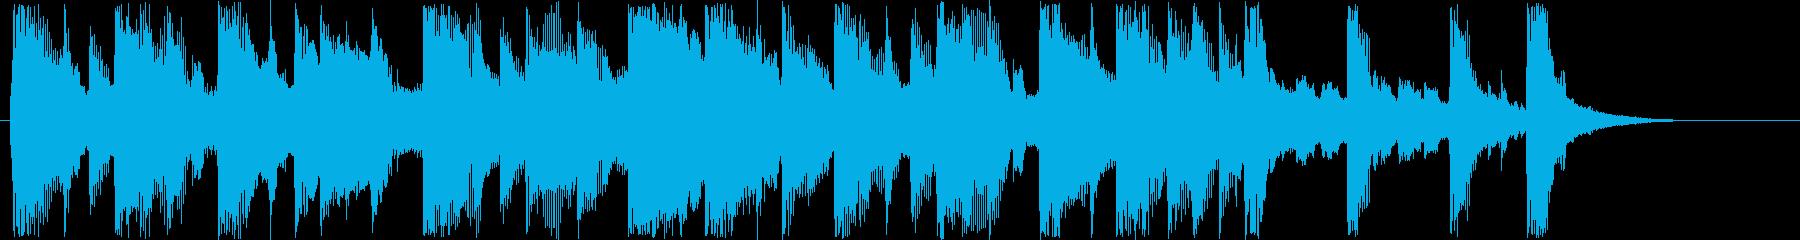 明るいシンセサウンド短めの再生済みの波形